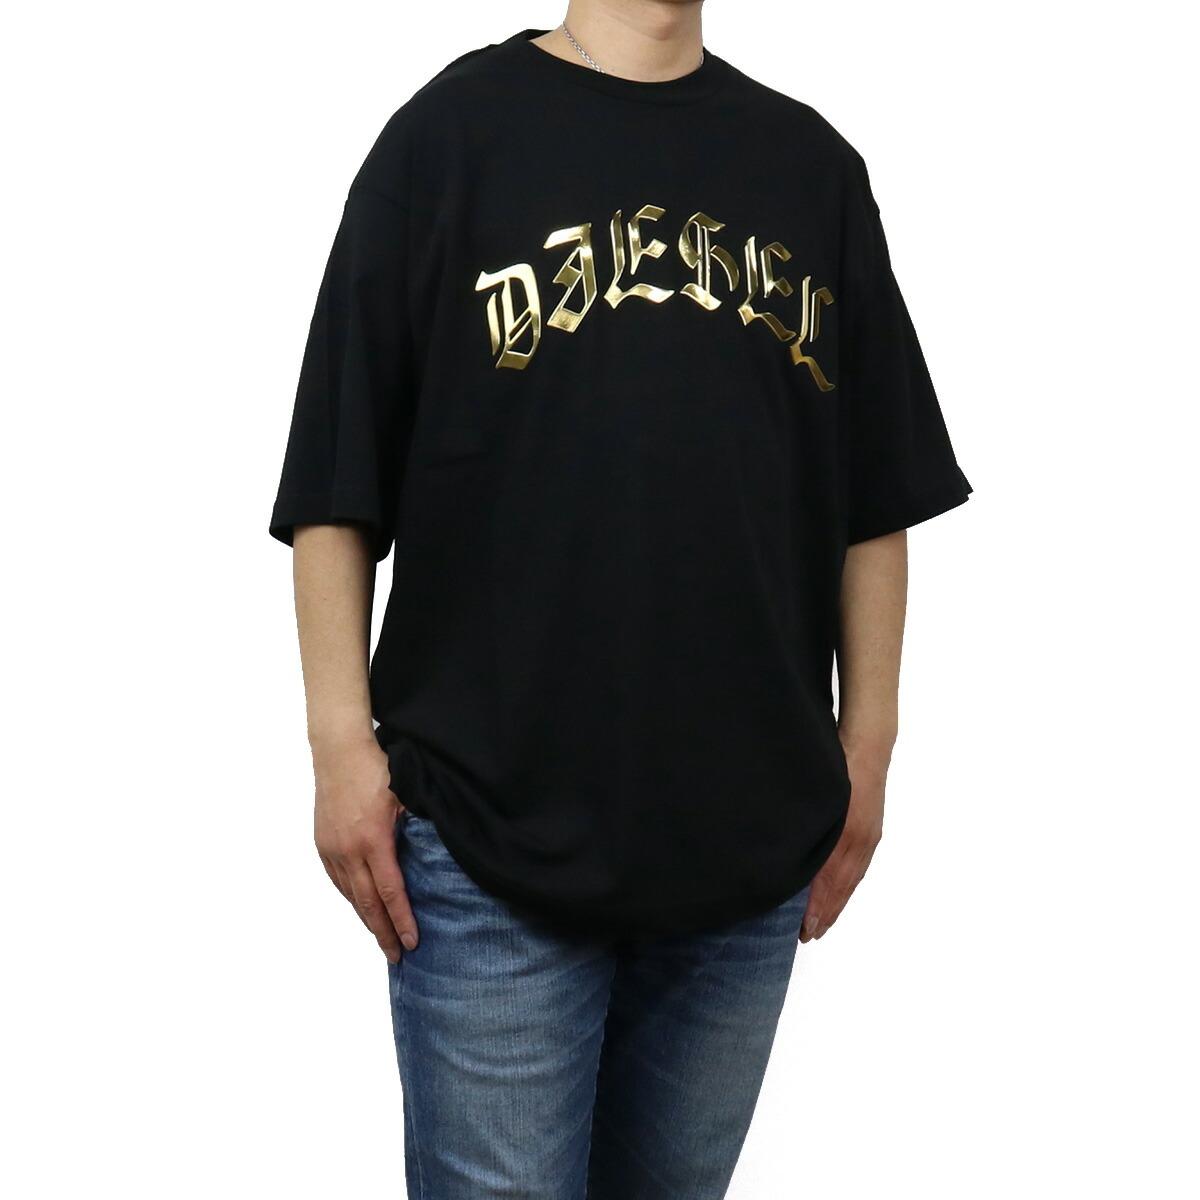 ディーゼル DIESEL メンズ-Tシャツ A01866 0PATI 9XX ブラック bos-43 apparel-01 ts-01 メンズ